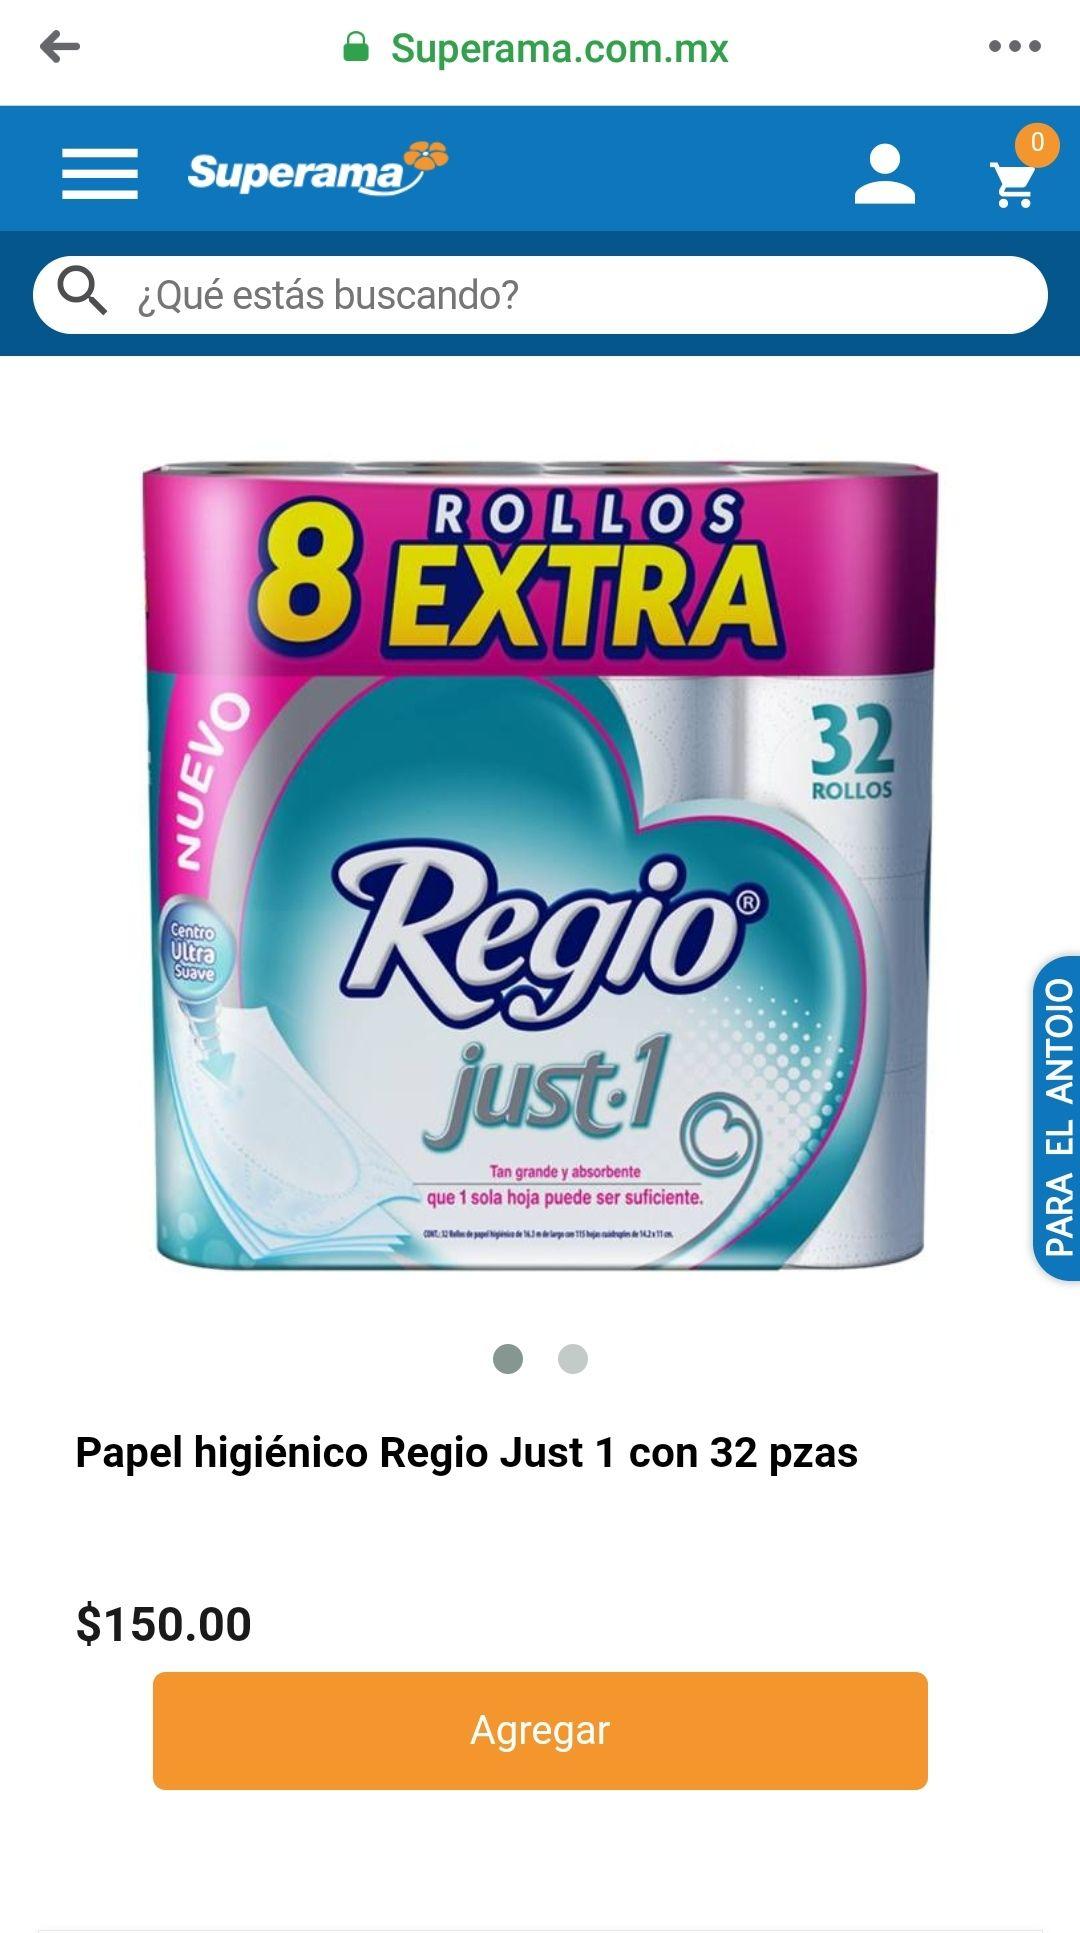 (Superama) Papel Higiénico Regio Just1 - en línea